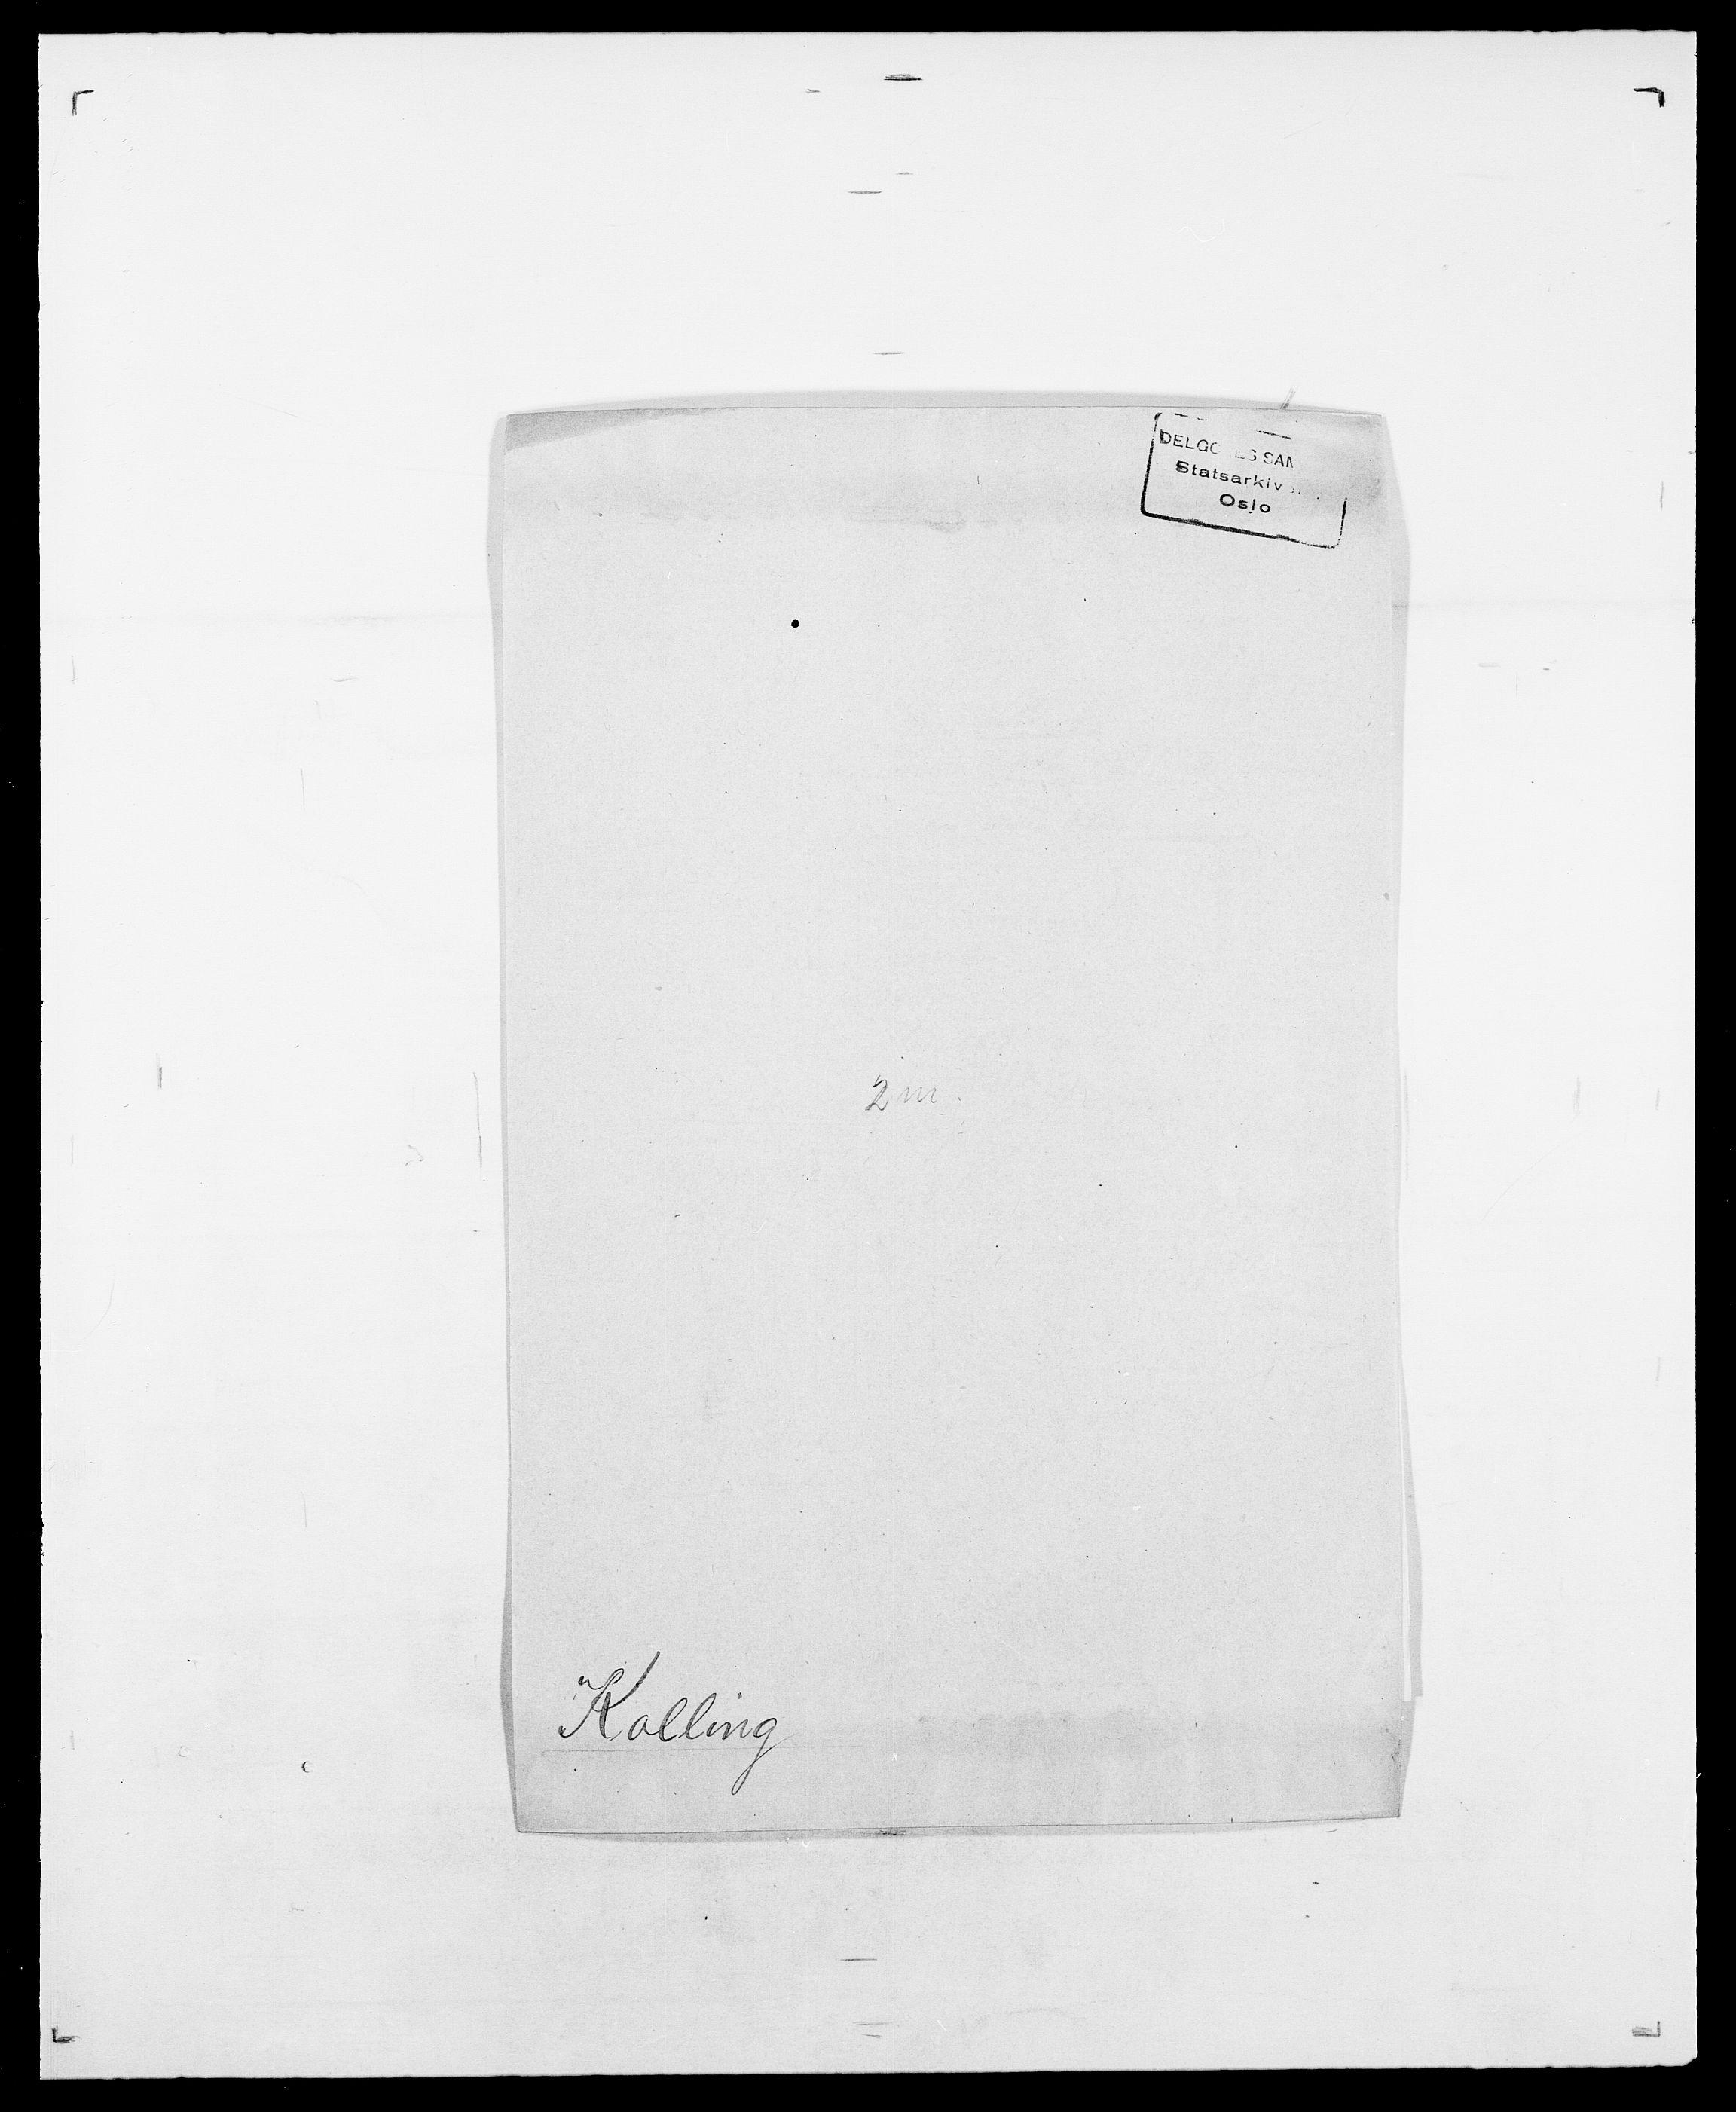 SAO, Delgobe, Charles Antoine - samling, D/Da/L0021: Klagenberg - Kristoft, s. 504